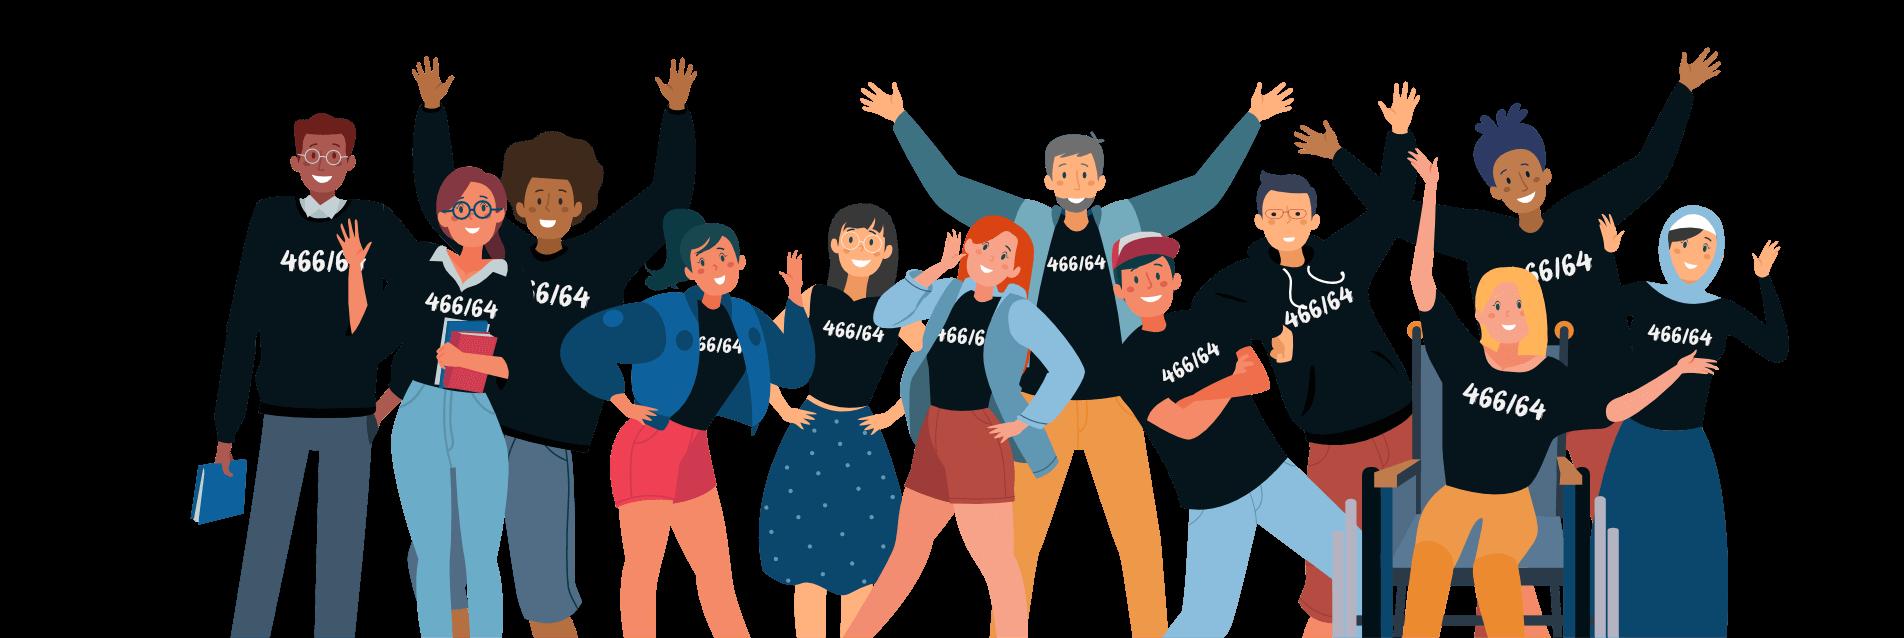 Grupo de jovens - ilustração